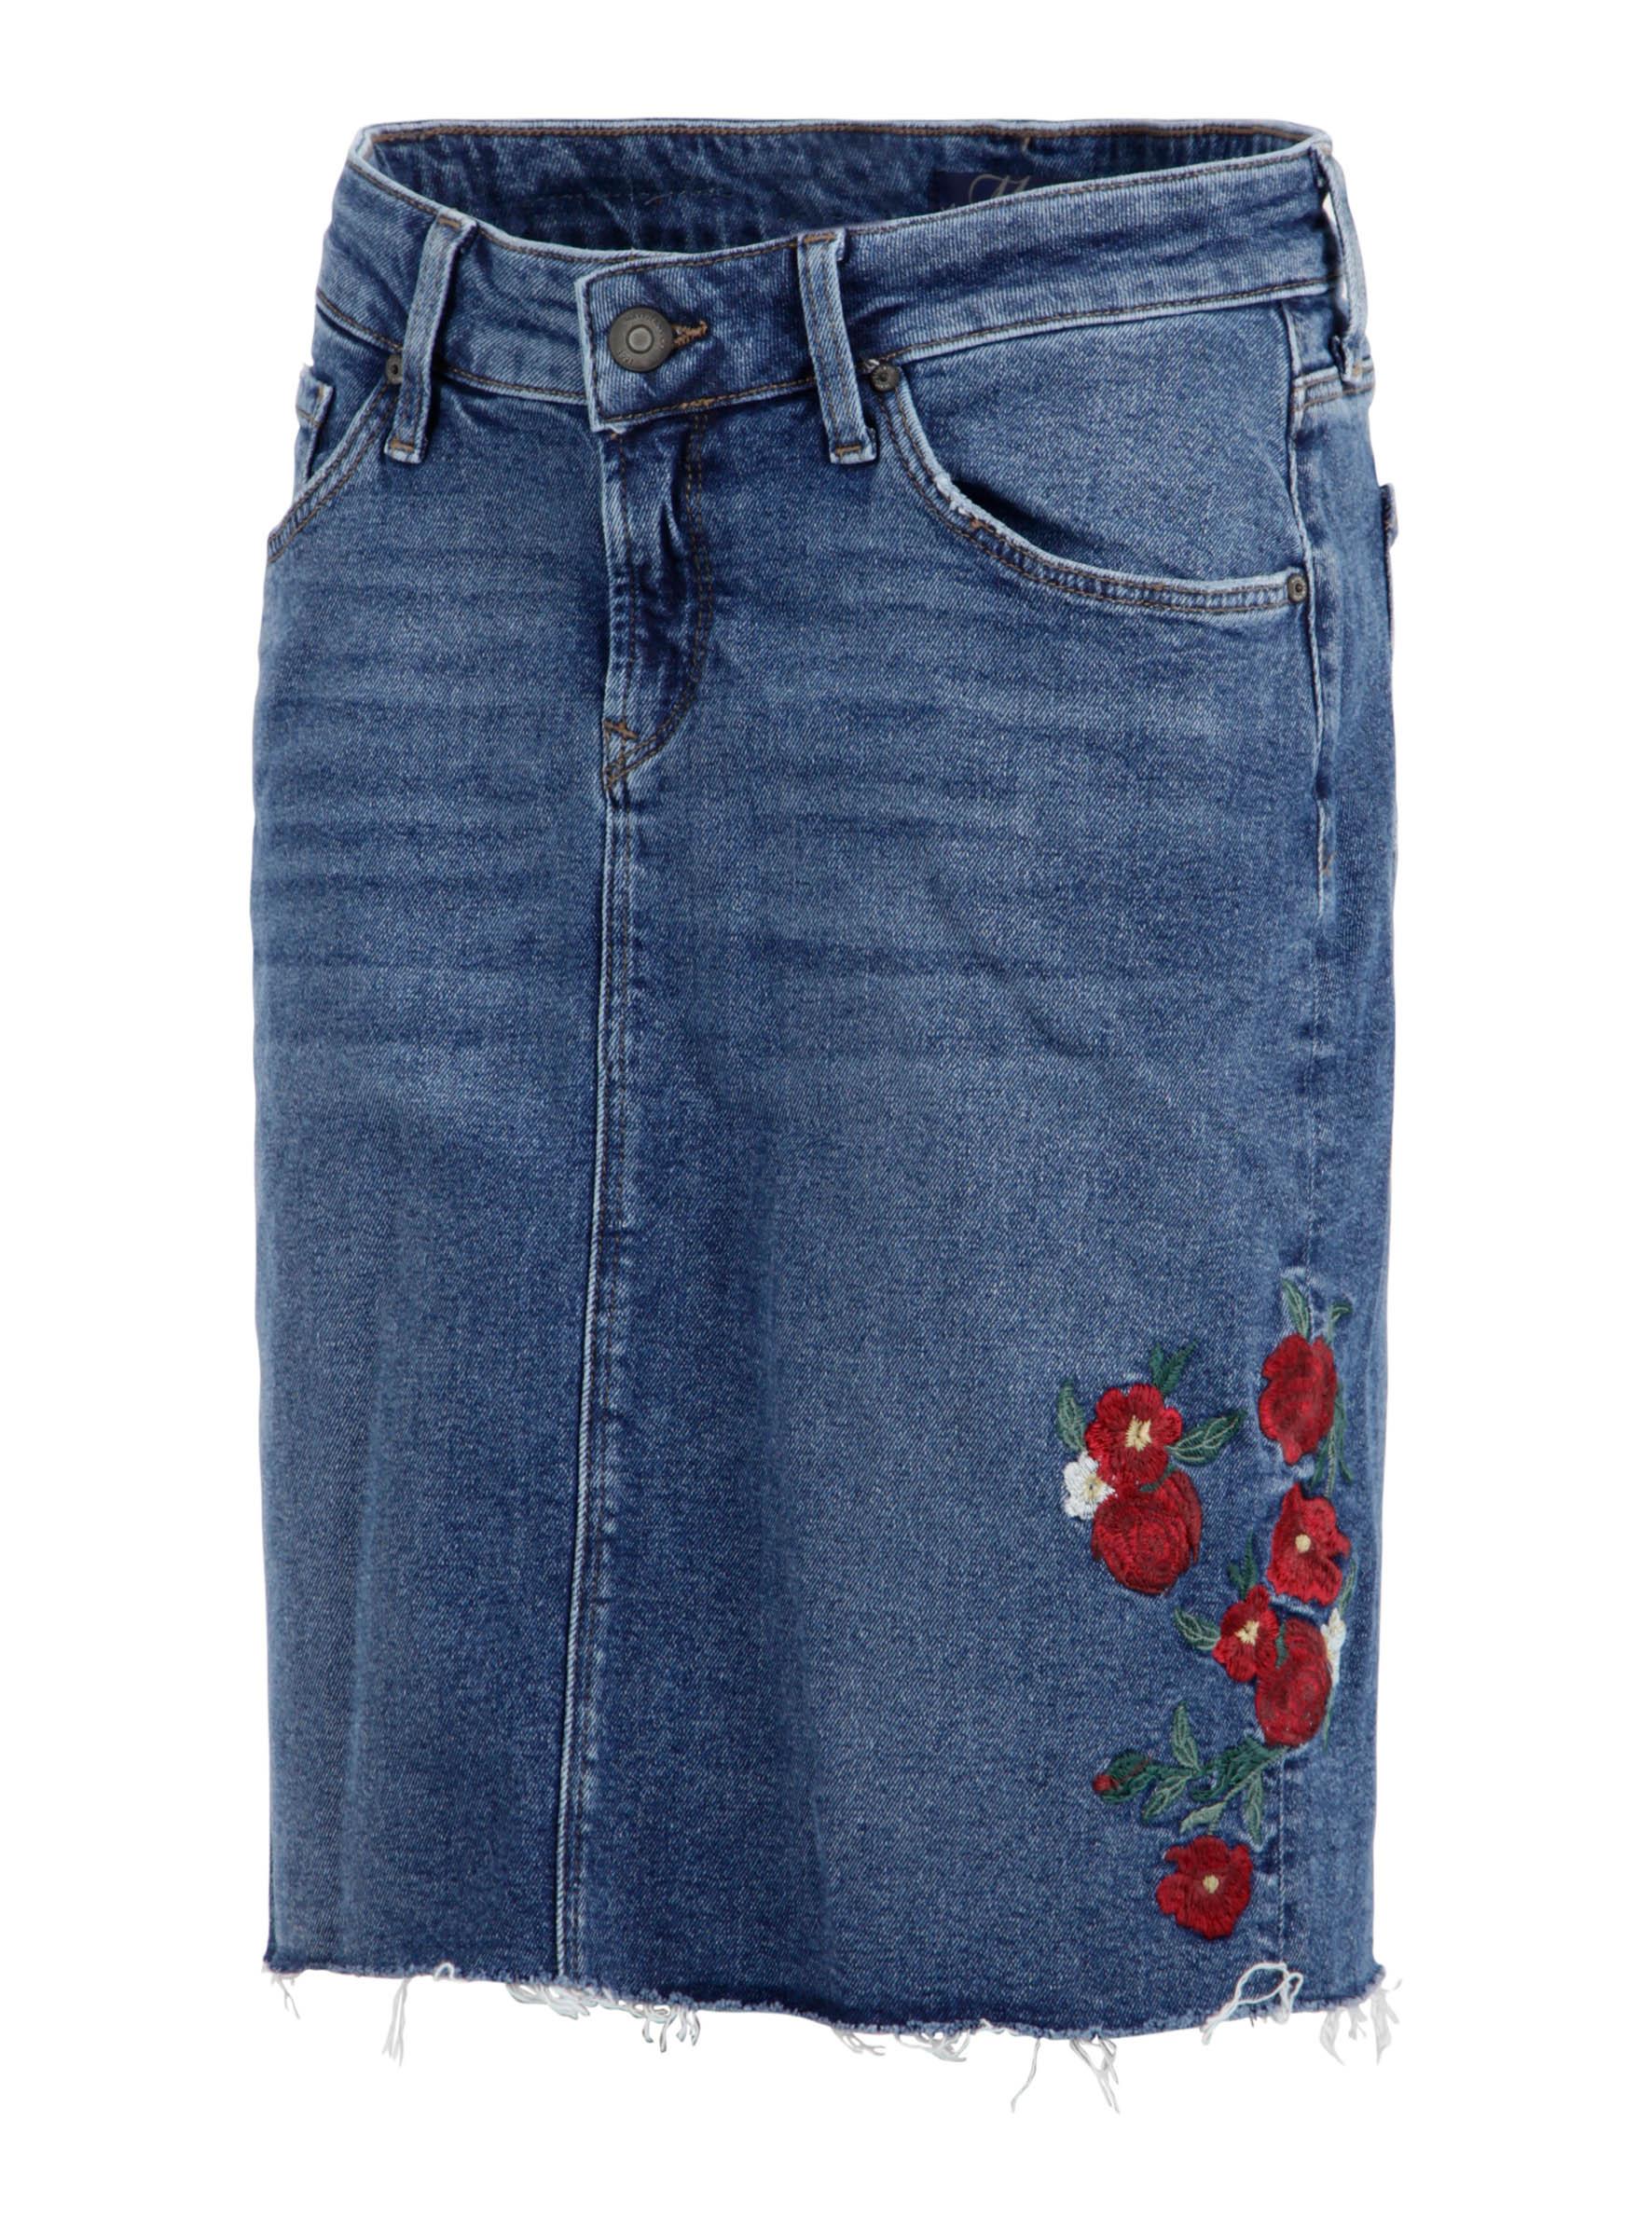 Jeans Rock Renee passend für warme Tage jetzt auch mit Blumen Stickereien